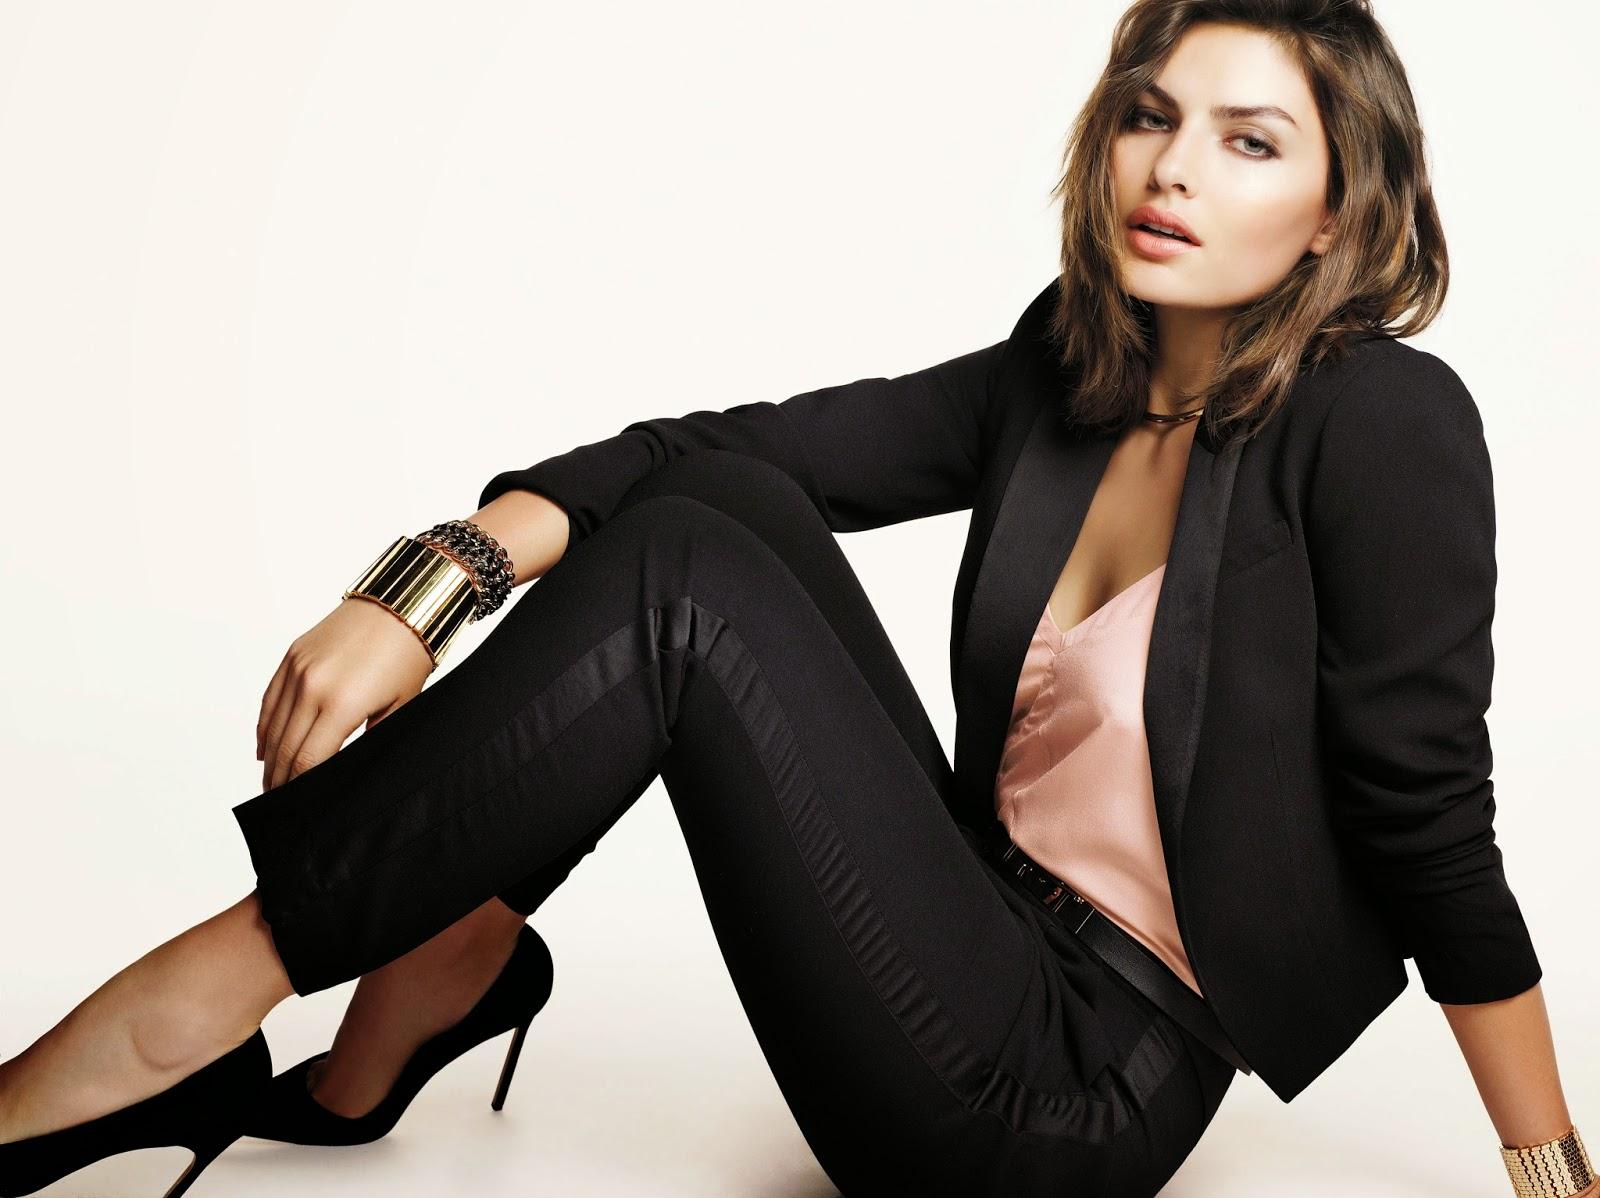 Les chaussures, un accessoire incontournable pour les femmes